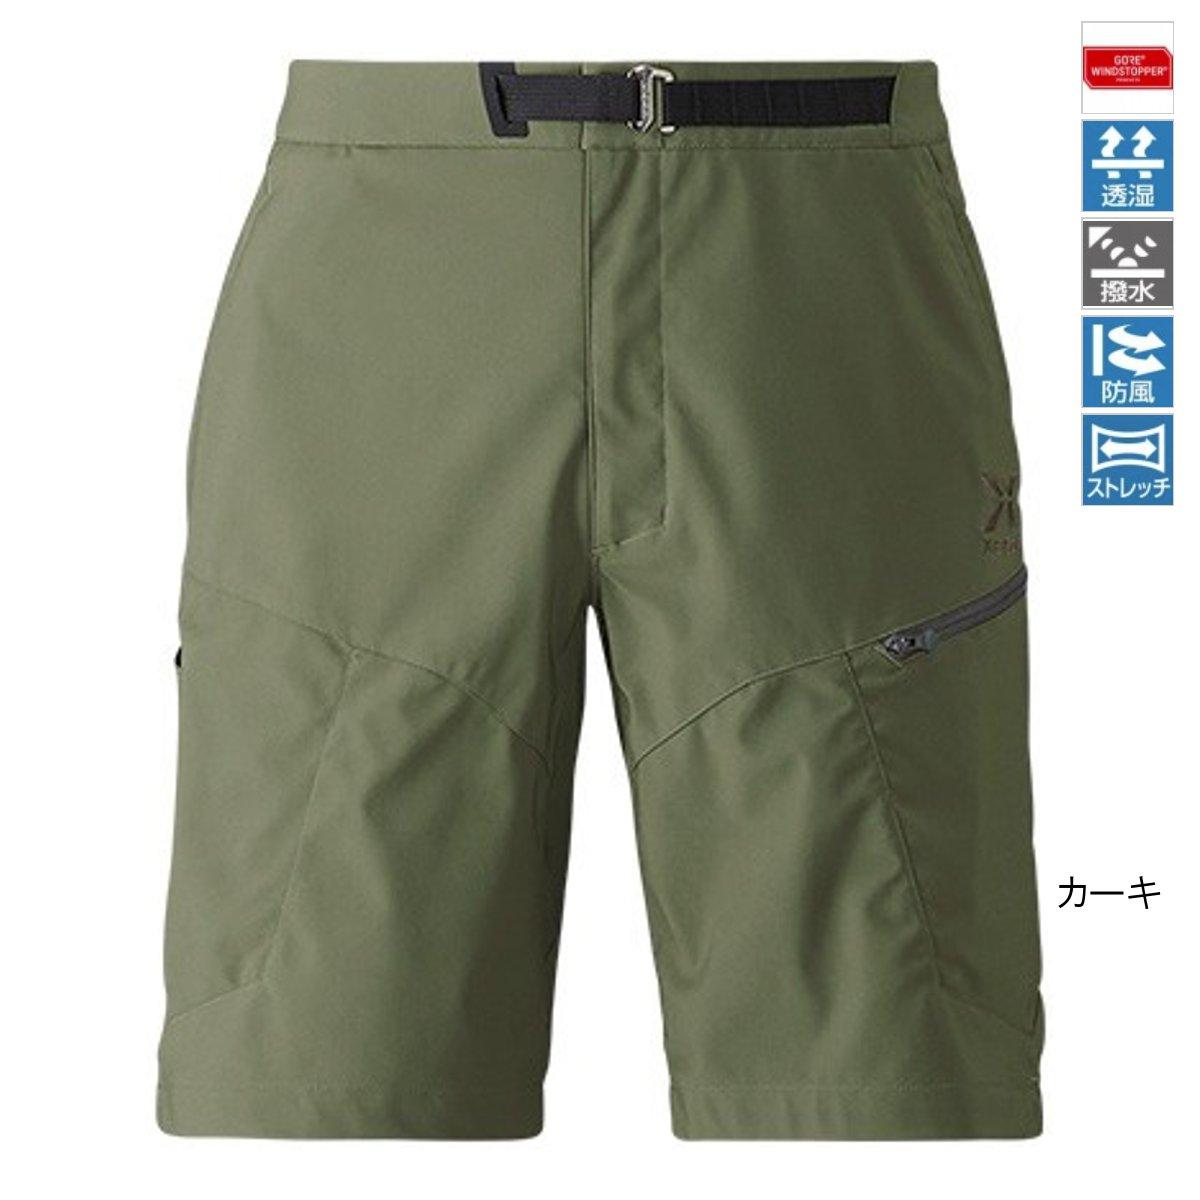 シマノ XEFO GORE WINDSTOPPER ショーツ PA-242R 2XL カーキ【送料無料】